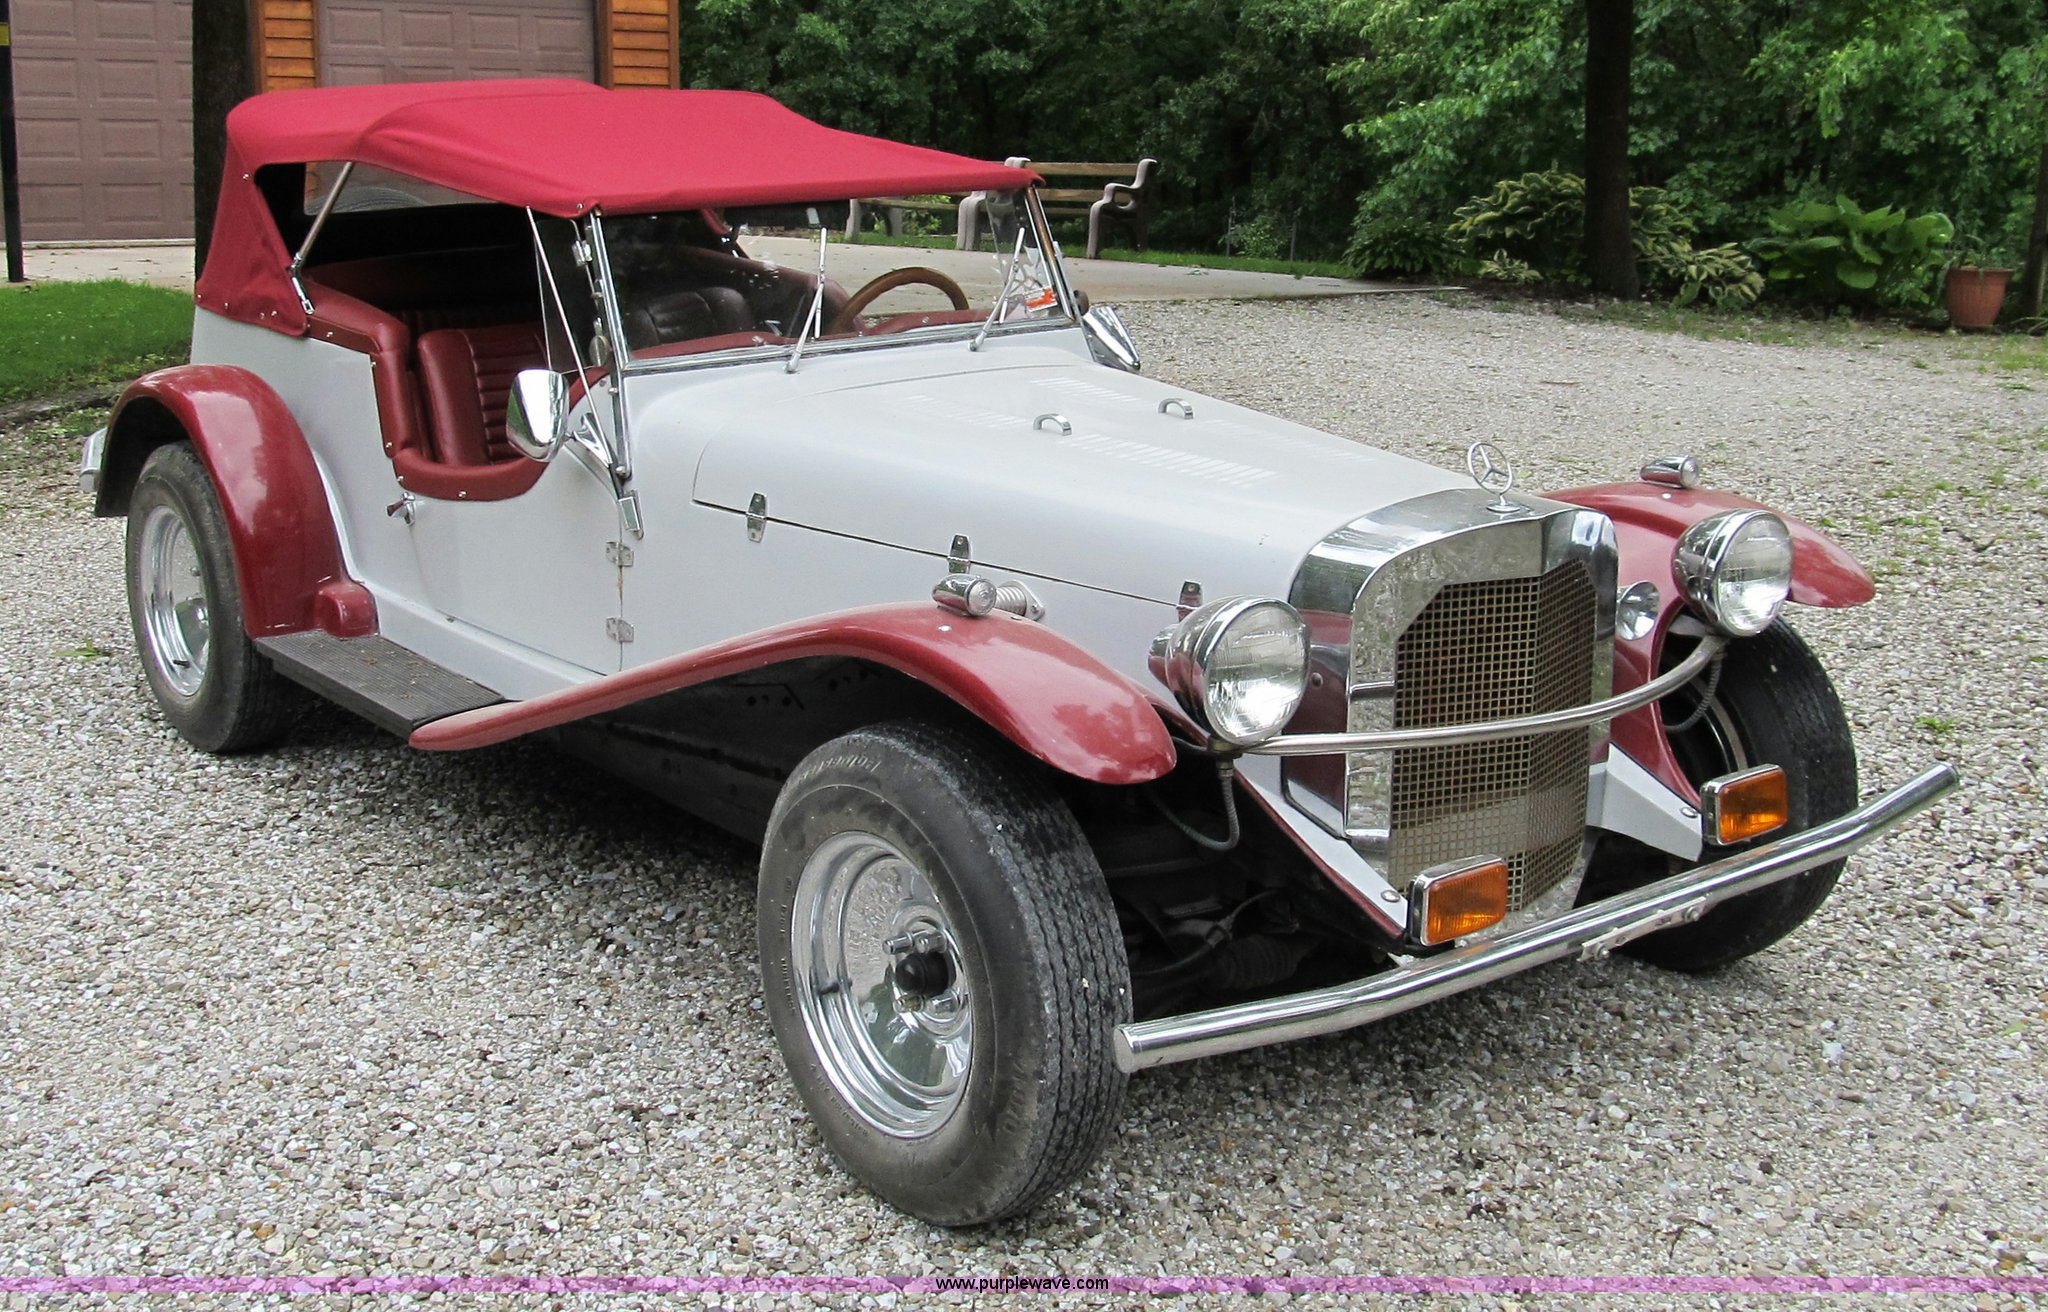 1929 Mercedes Benz Gazelle Convertible kit car | Item 9013 |...